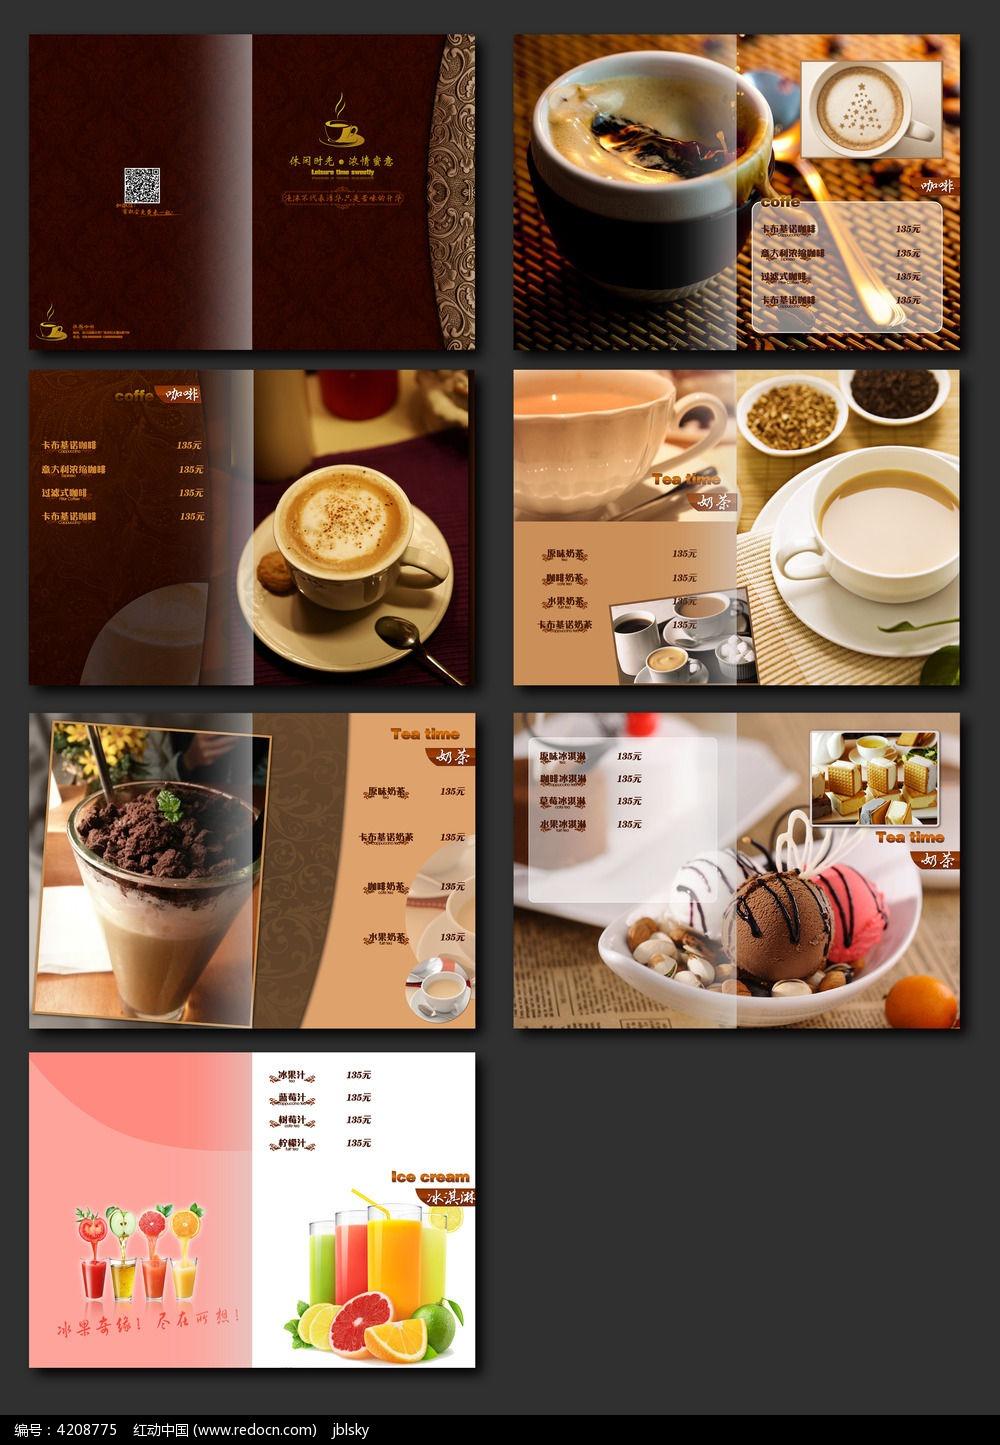 咖啡厅甜品菜单设计